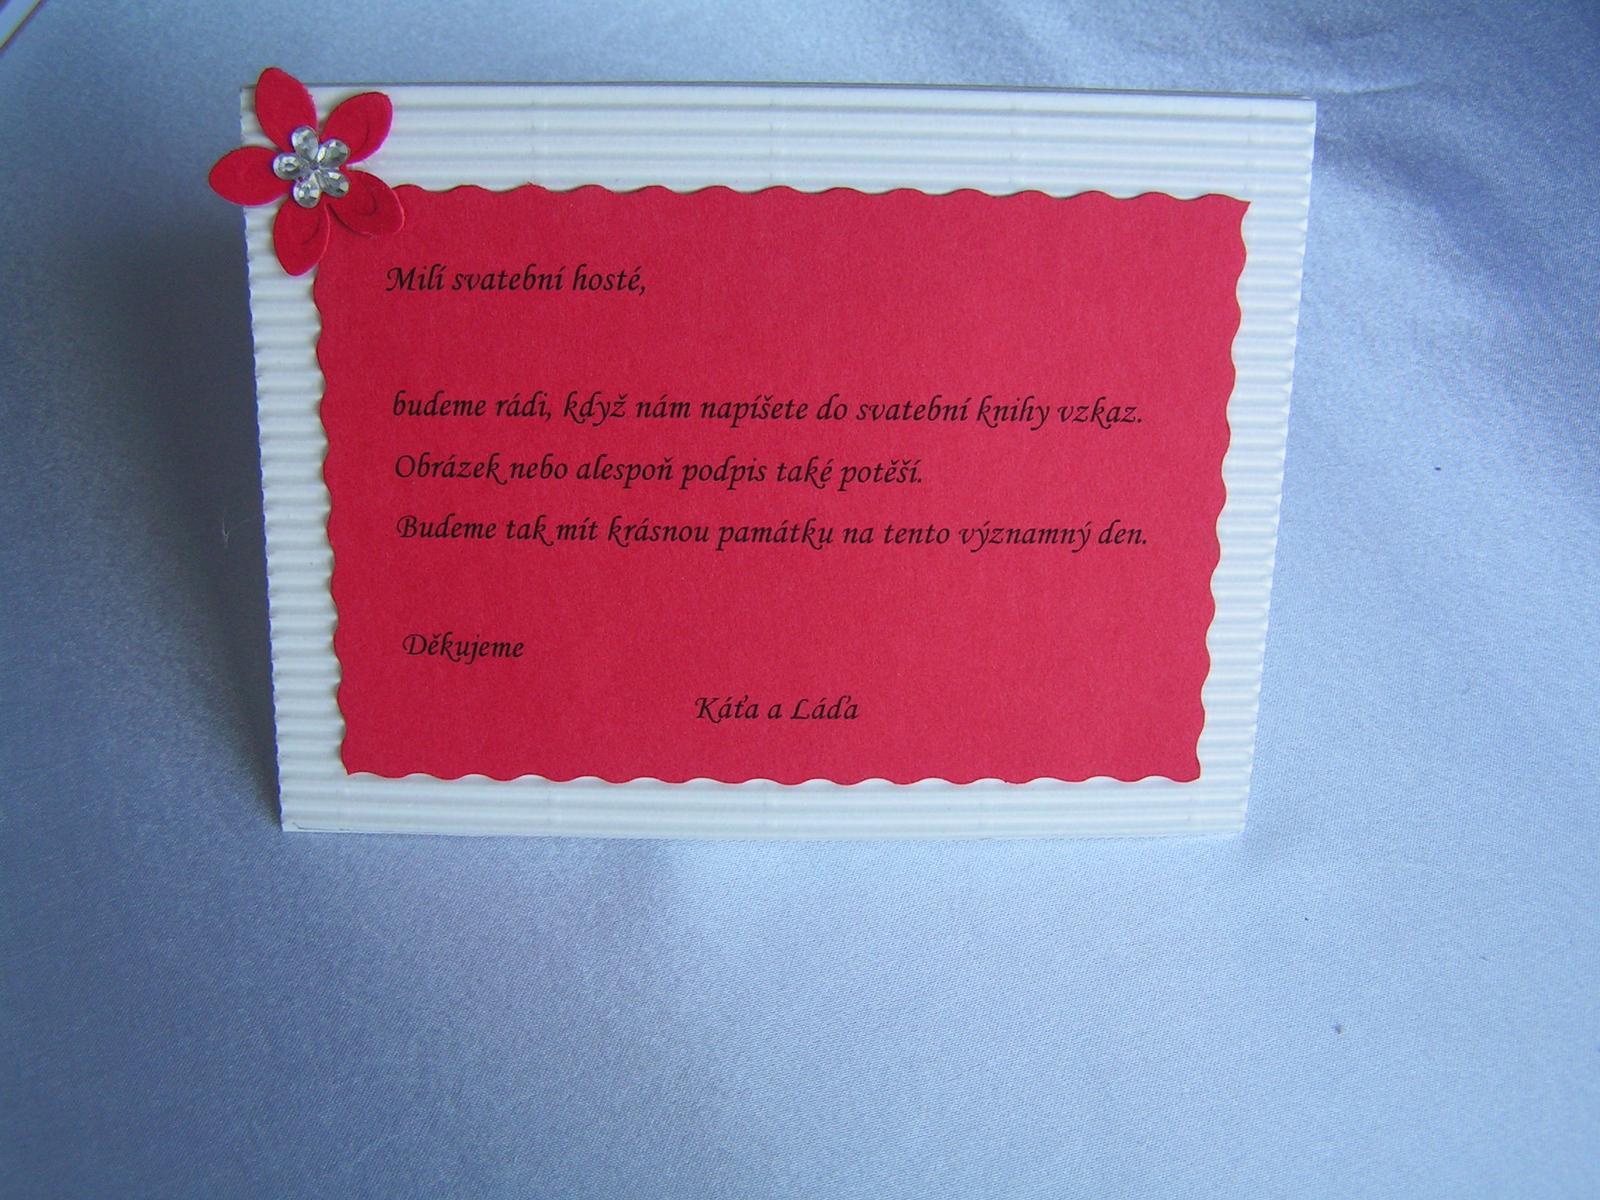 Cedulka ke svatební knize - Obrázek č. 1